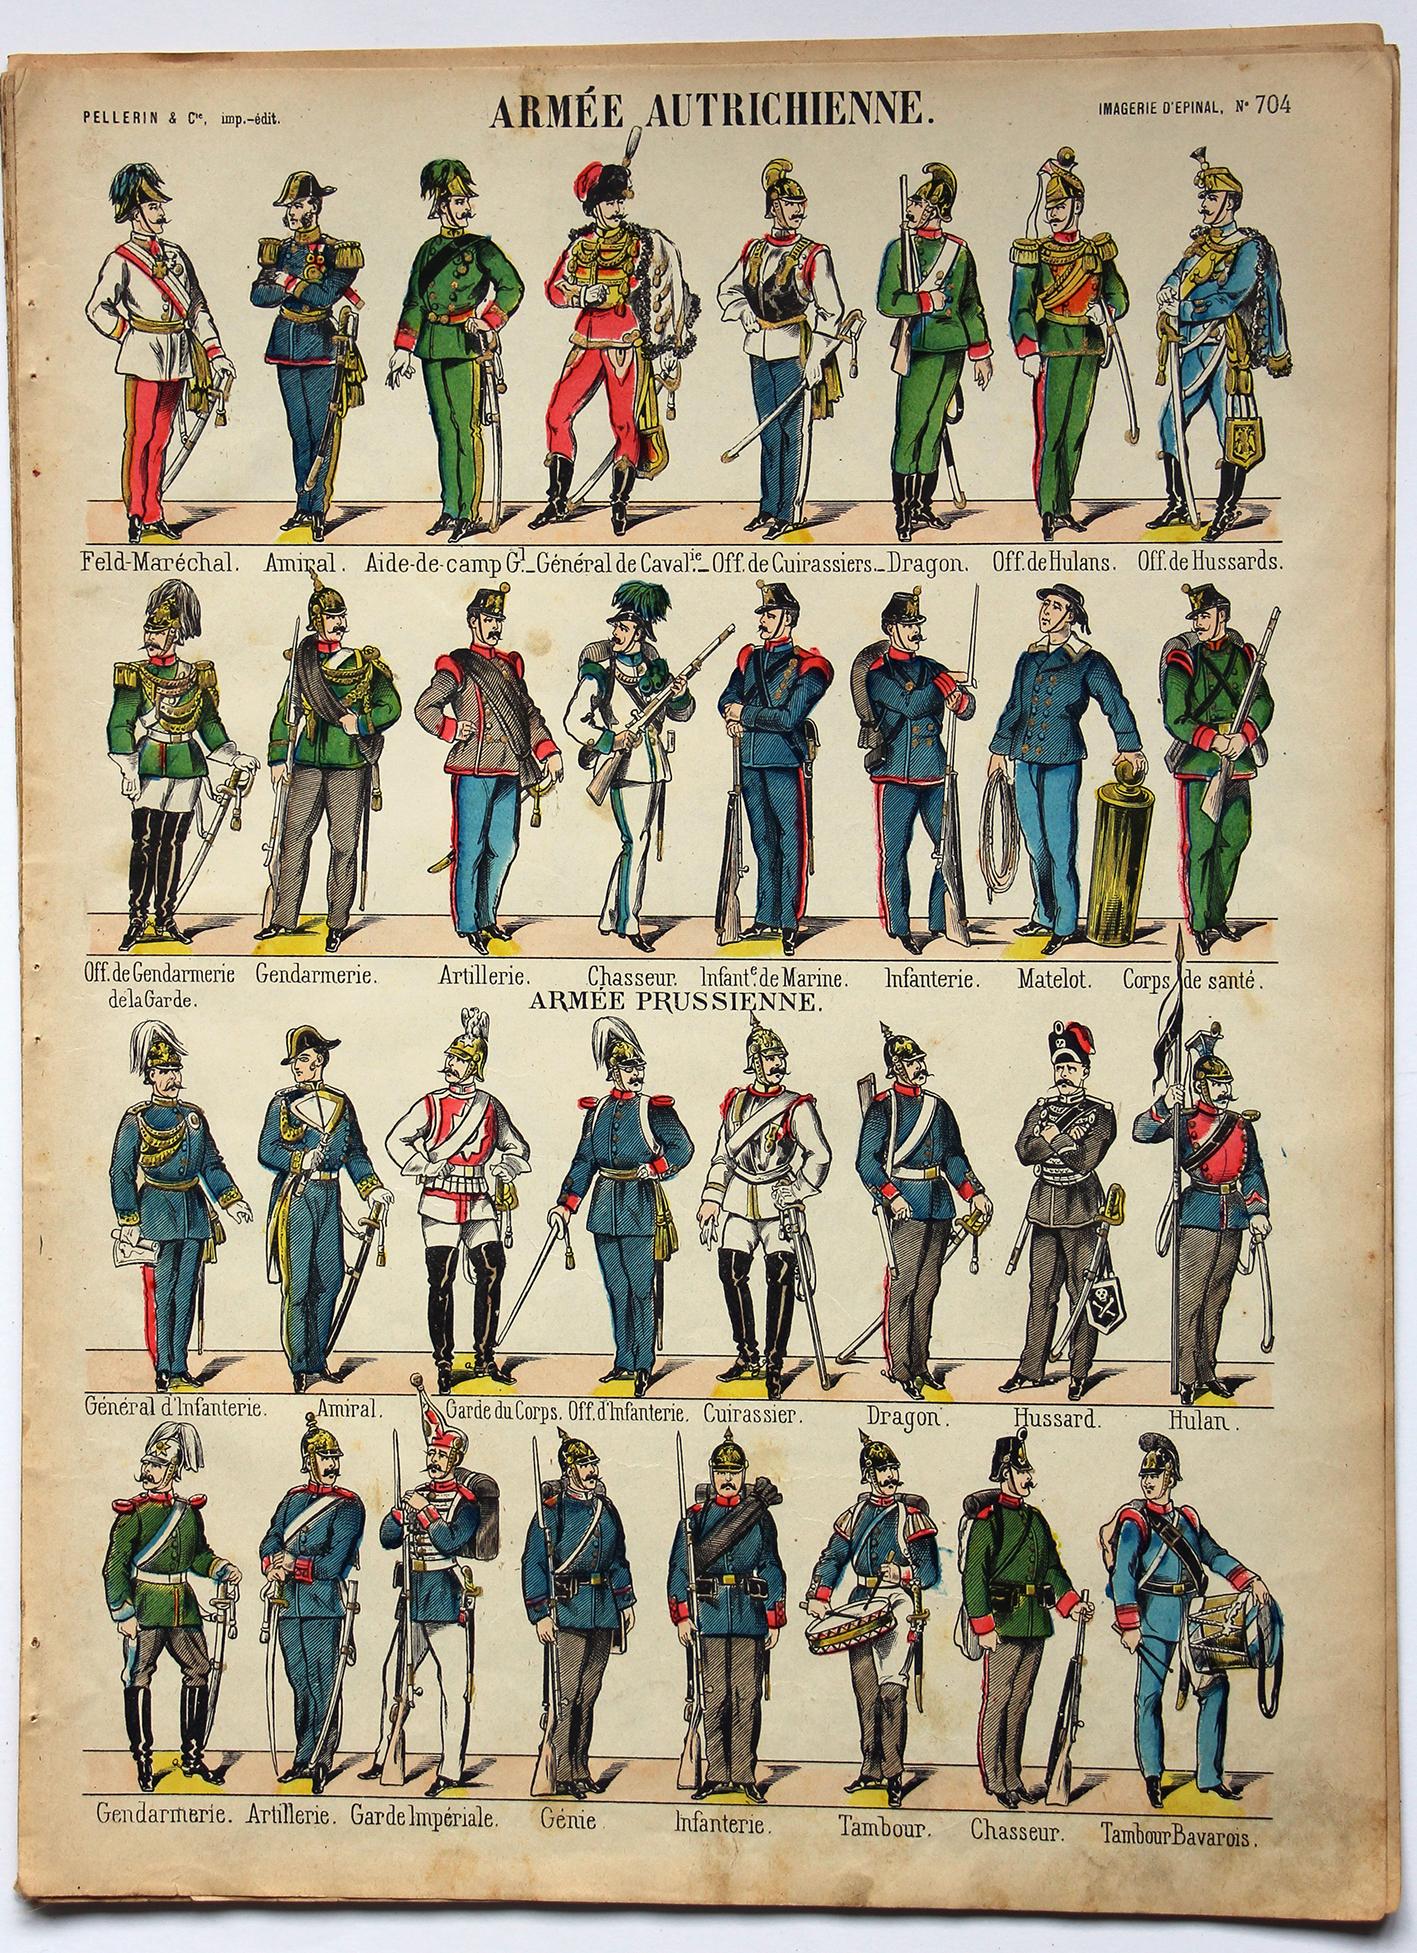 Planche imagerie Epinal - Pellerin Editeur - N°704 - Armée Autrichienne / Prussienne